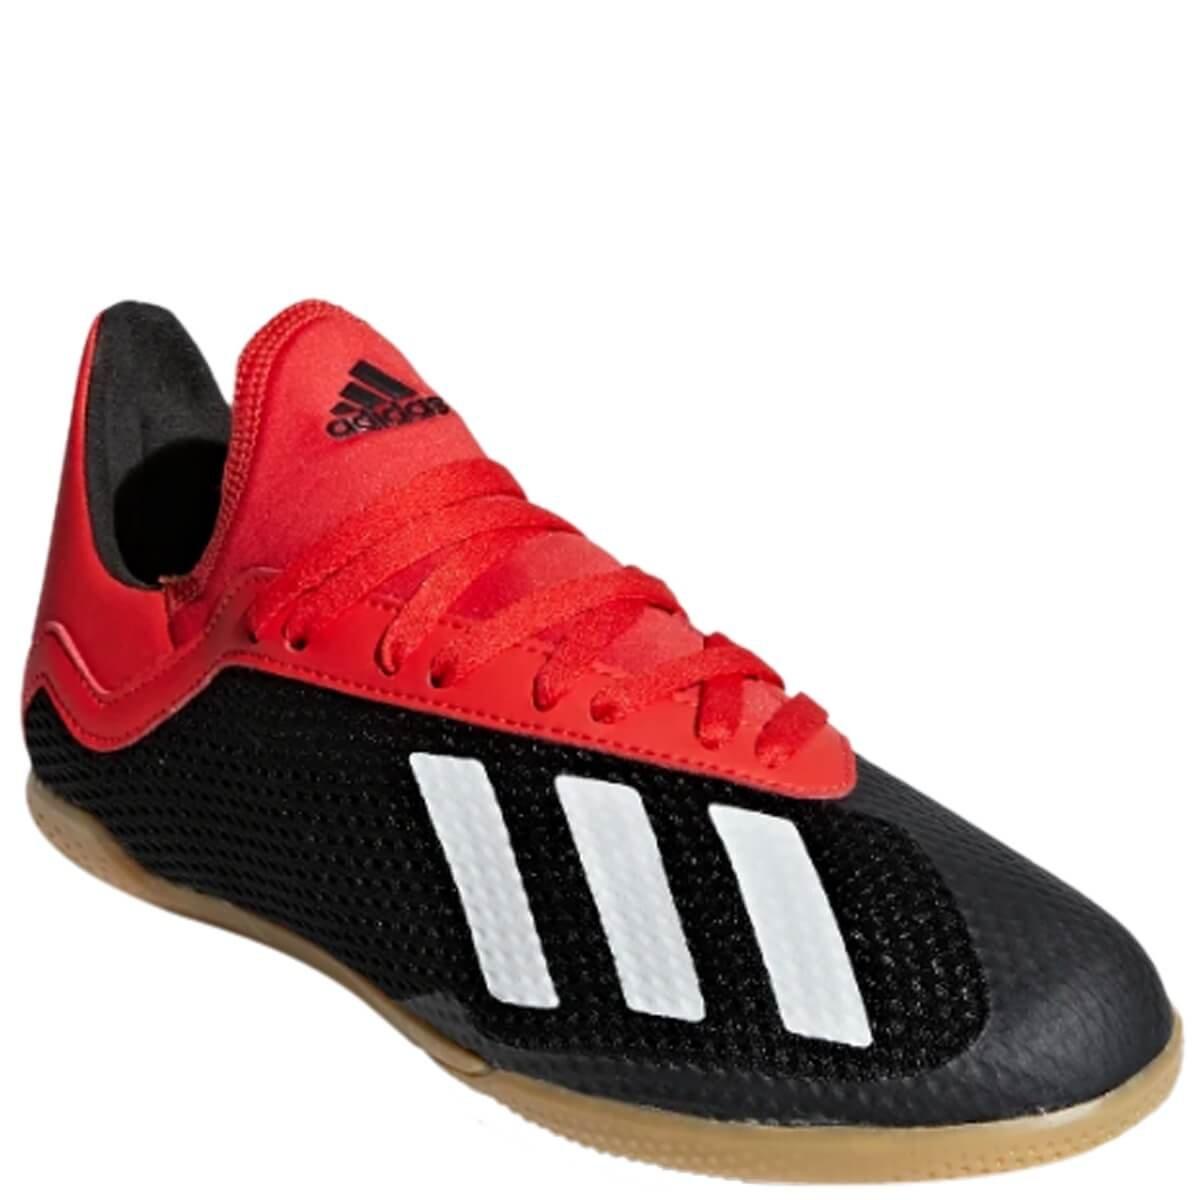 0f105980ae Chuteira Infantil Futsal Adidas X 18.3 Bb9395 - Preto Vermelho ...